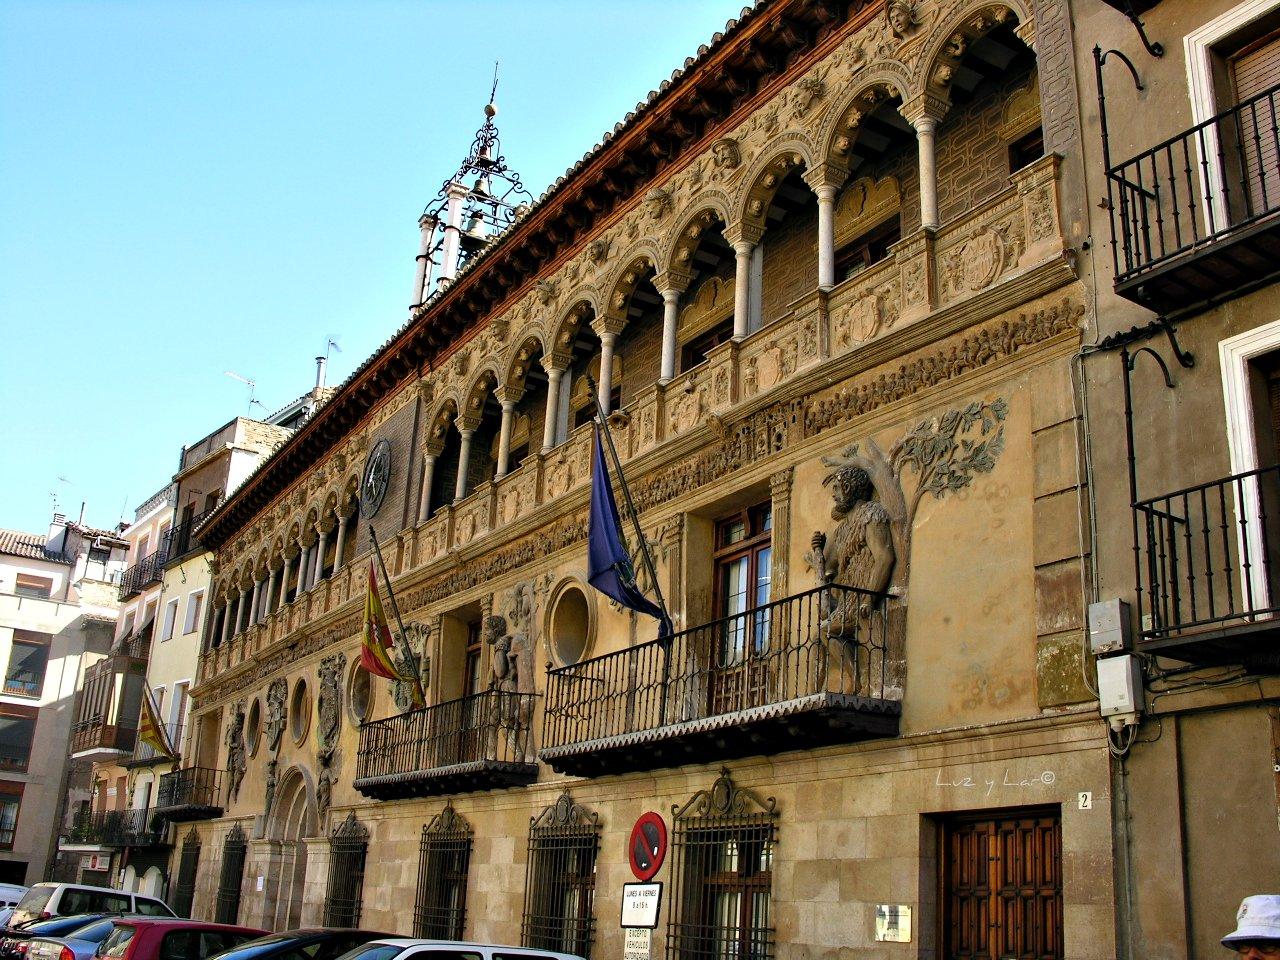 La vida en una mirada tarazona ayuntamiento for Pisos en tarazona